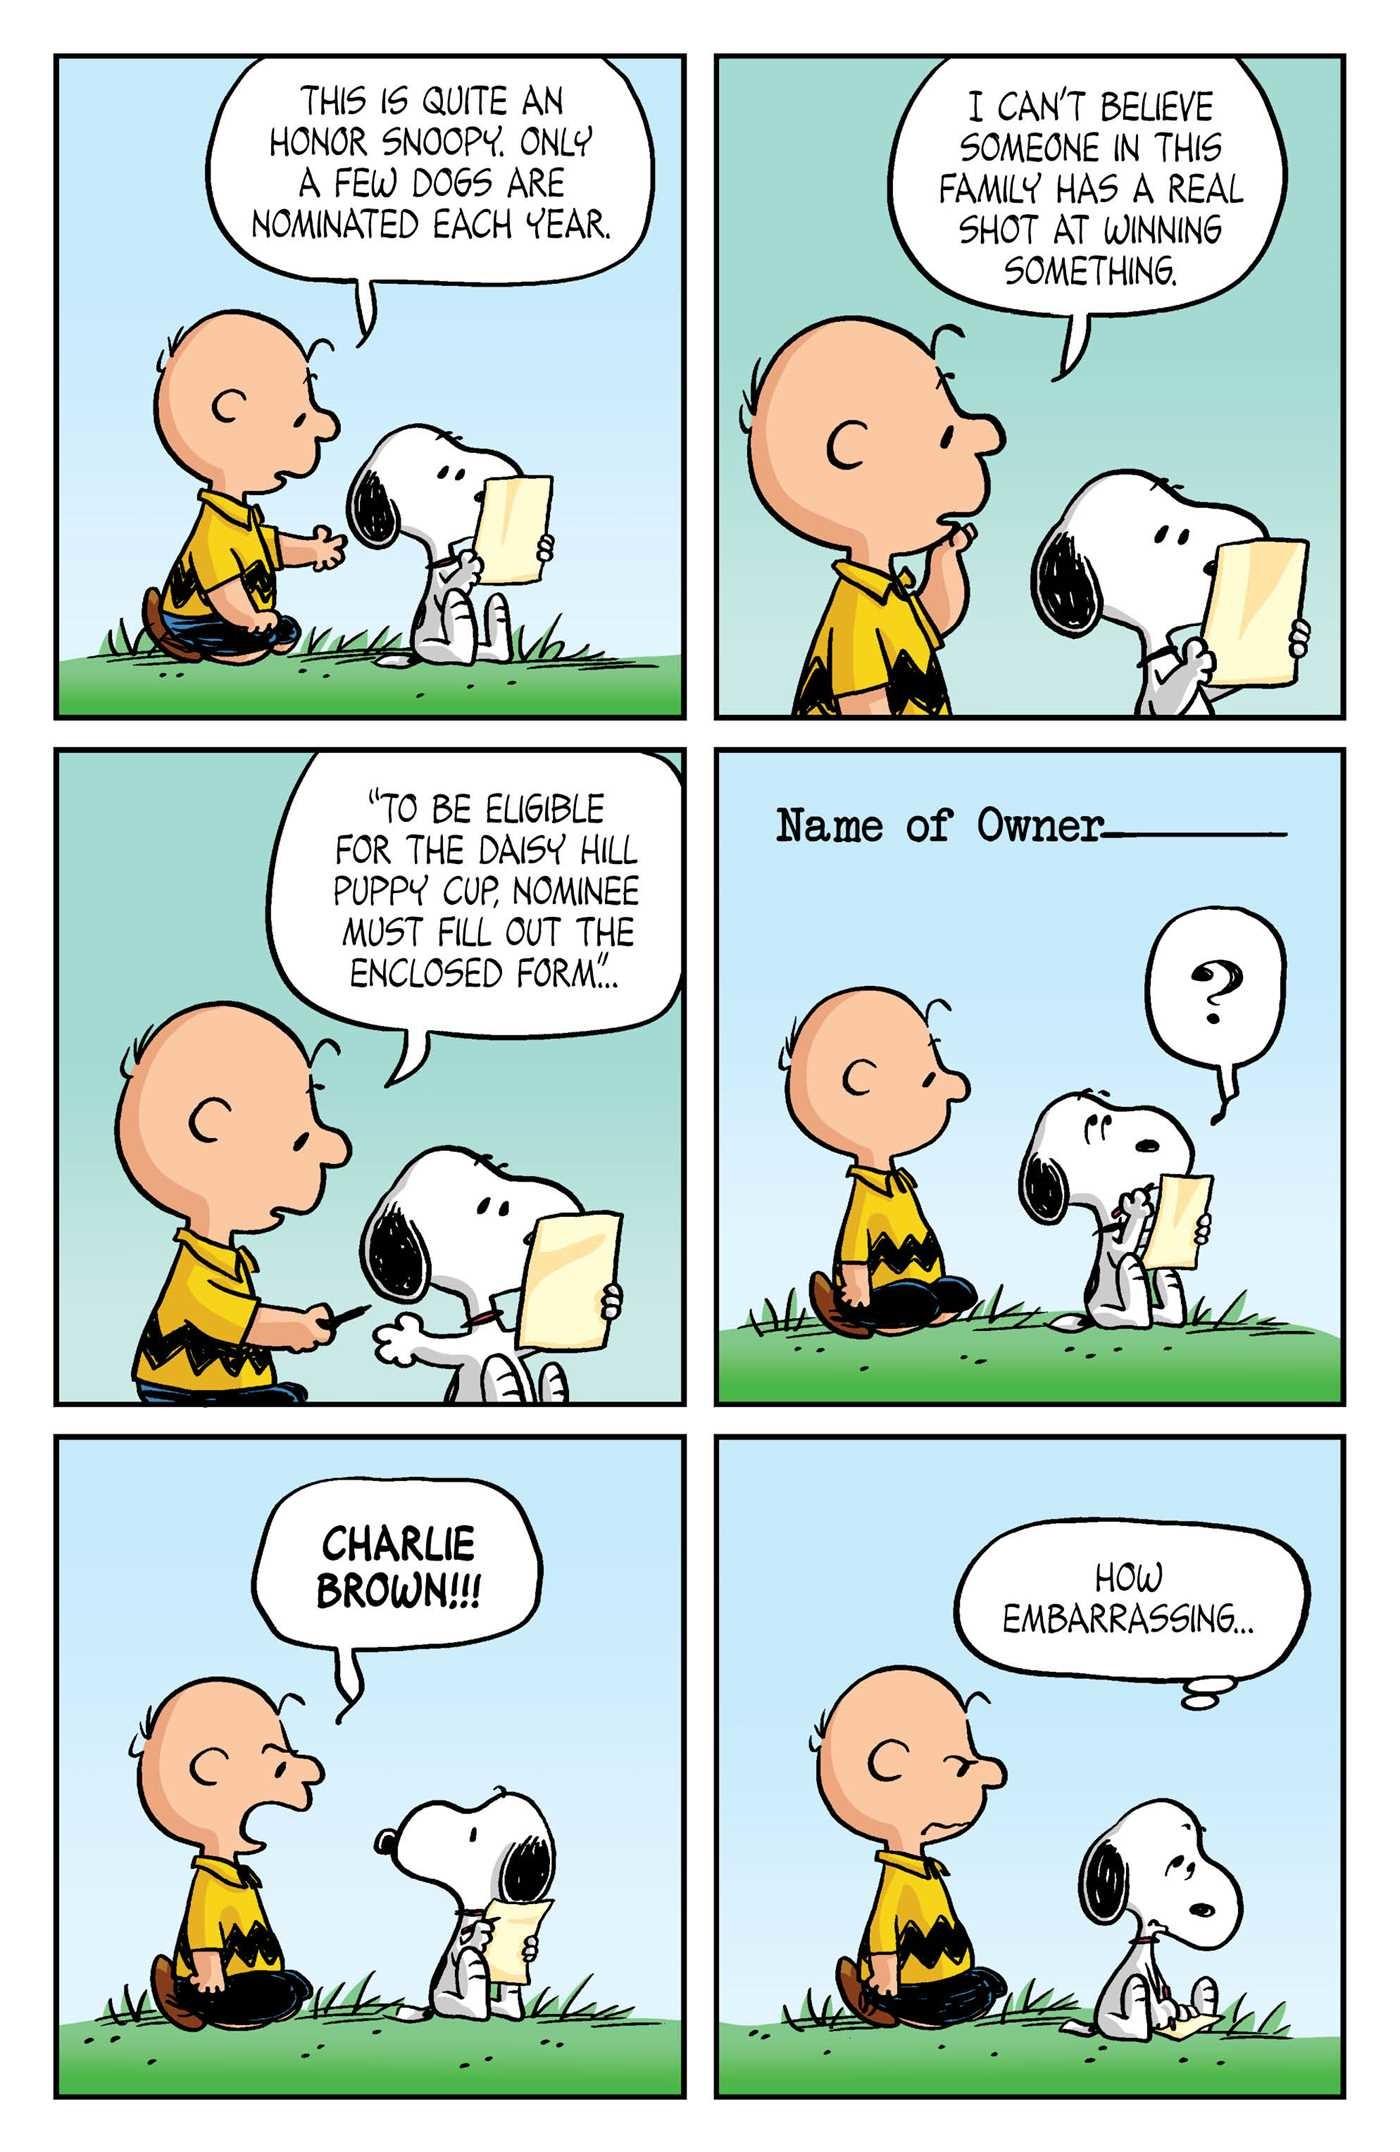 Peanuts vol 10 9781684152209.in03